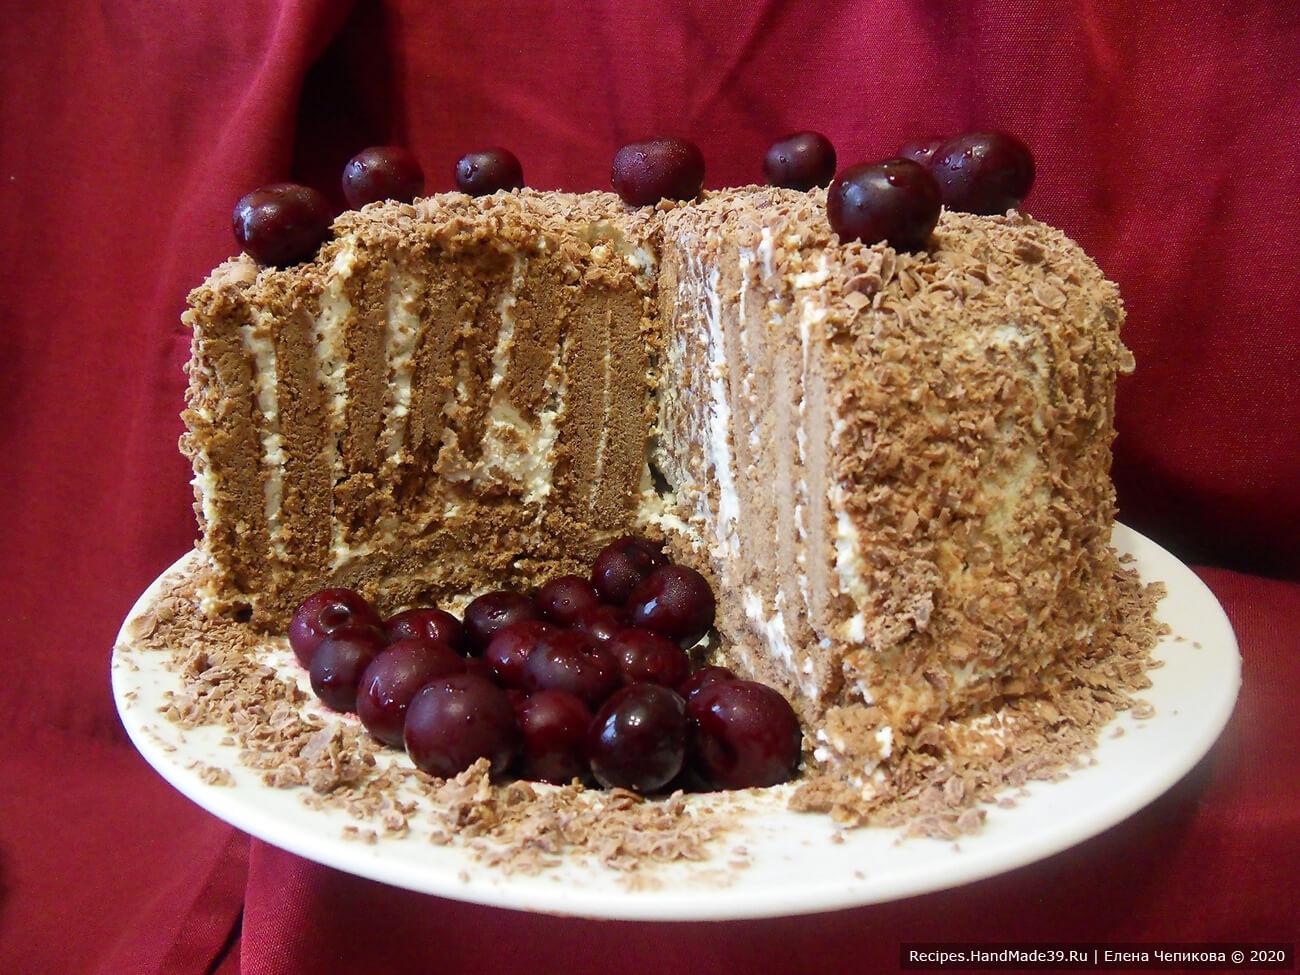 Украсить по своему желанию. Я добавила вишен – кислинка отлично сочетается со сладким вкусом торта